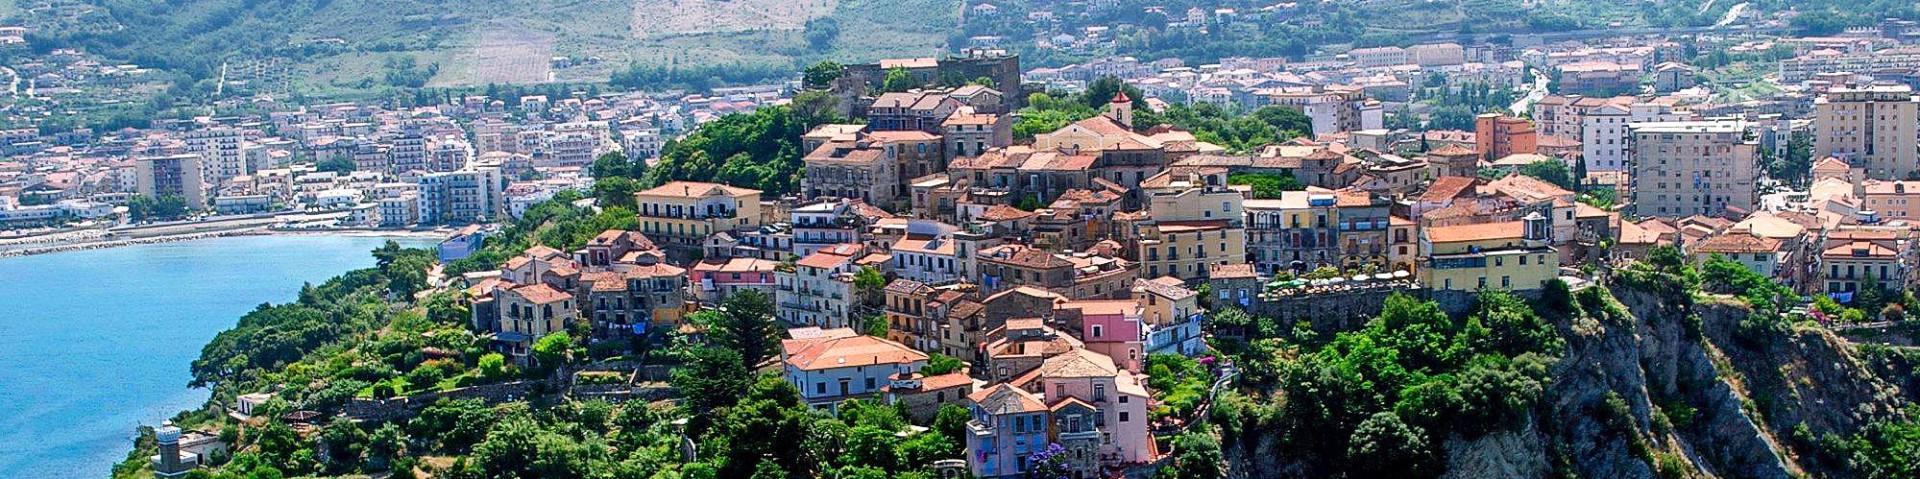 Agropoli, hrad a stará čtvrť